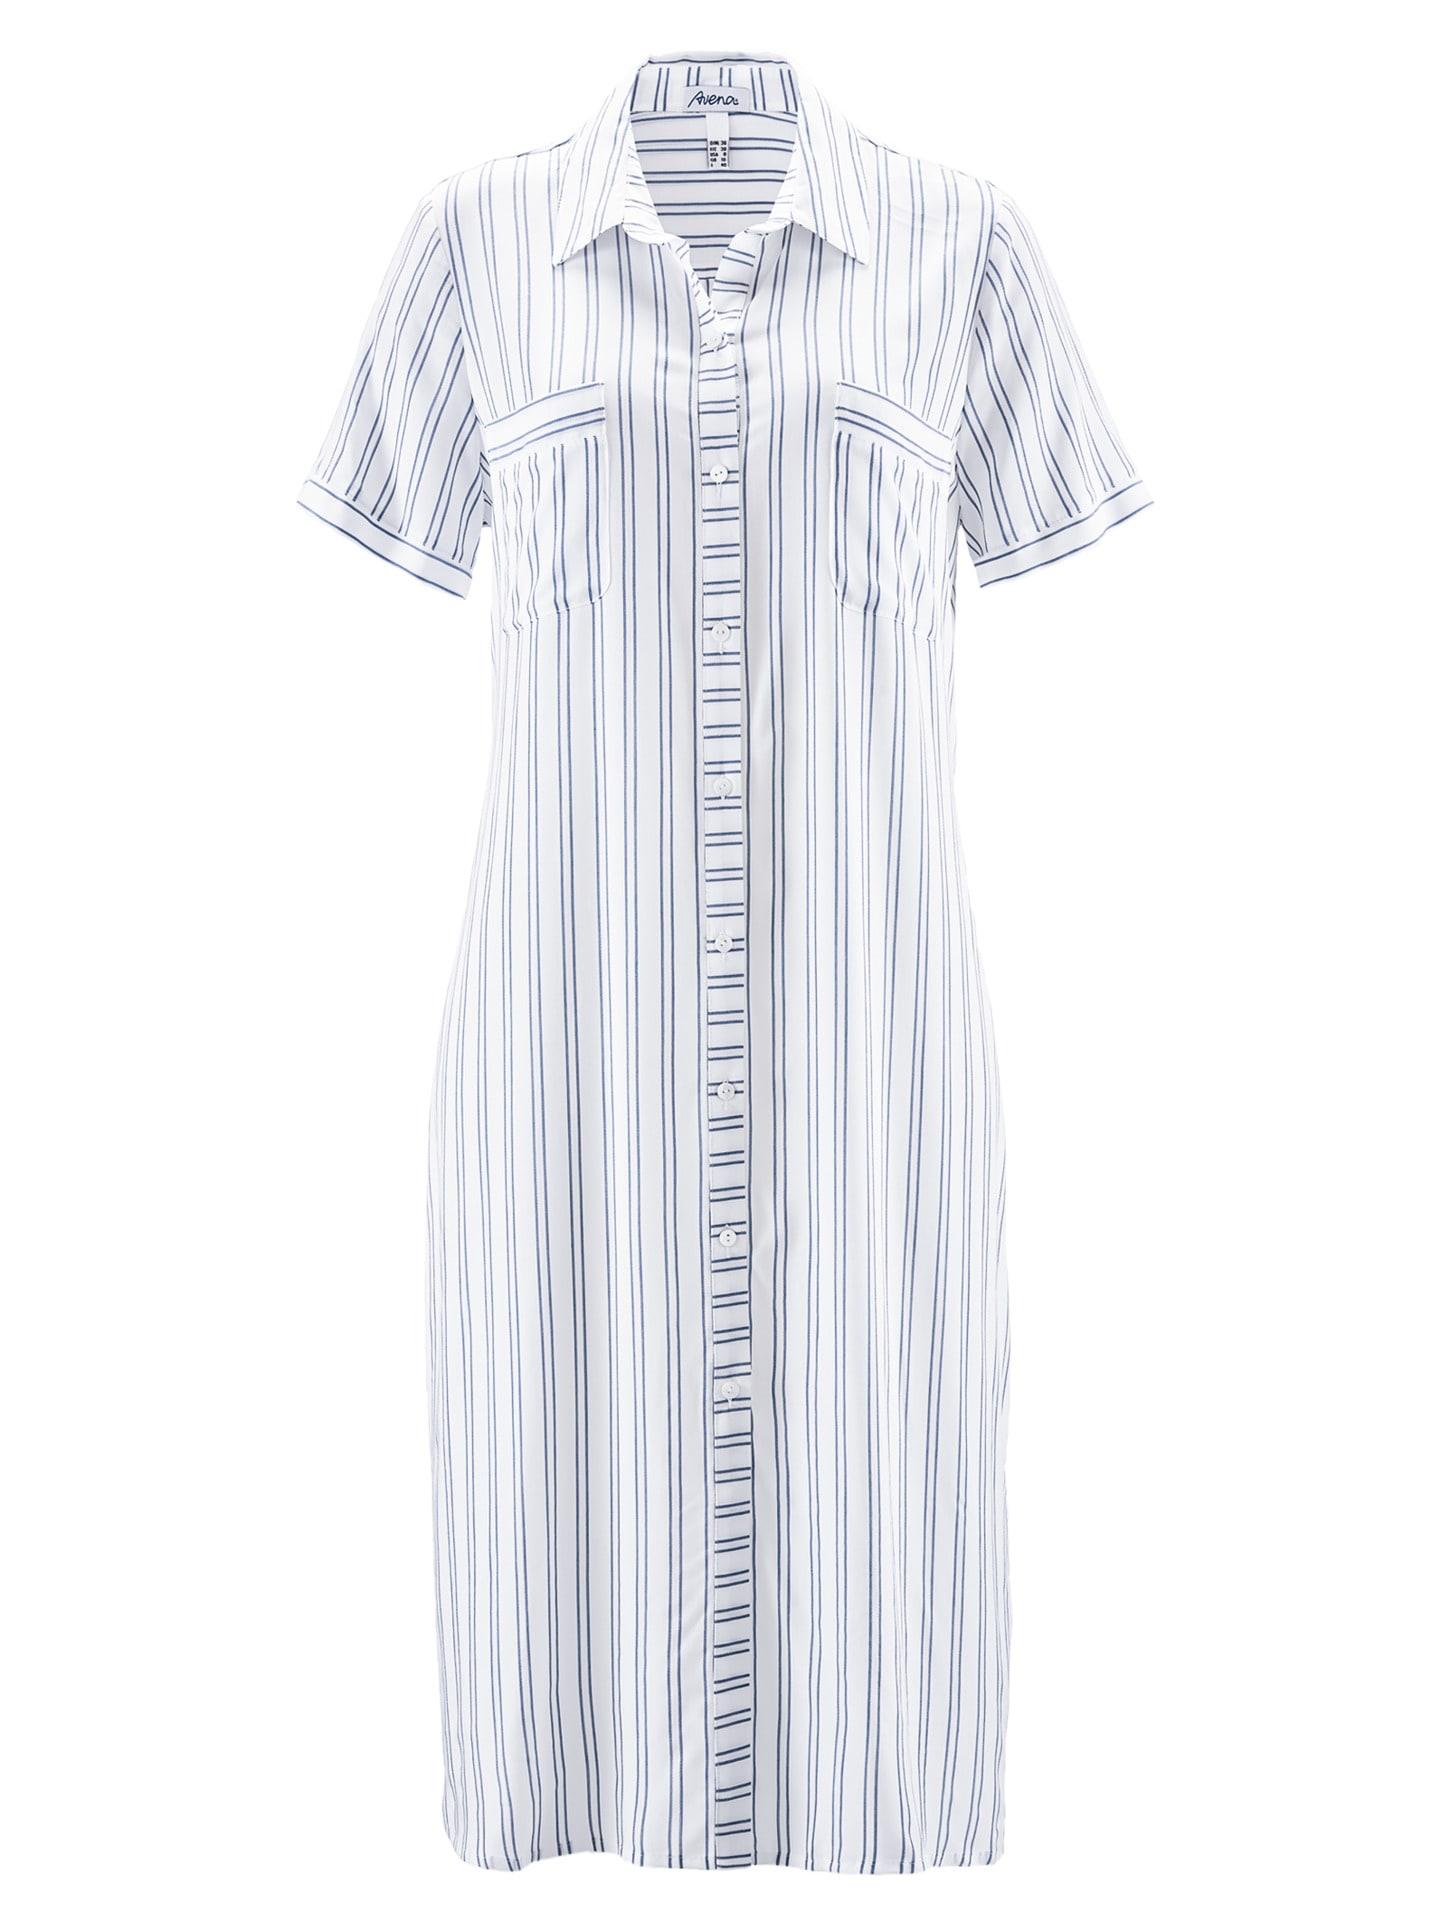 Avena Damen Nachthemd Sommertraum Weiß 42-6133-5